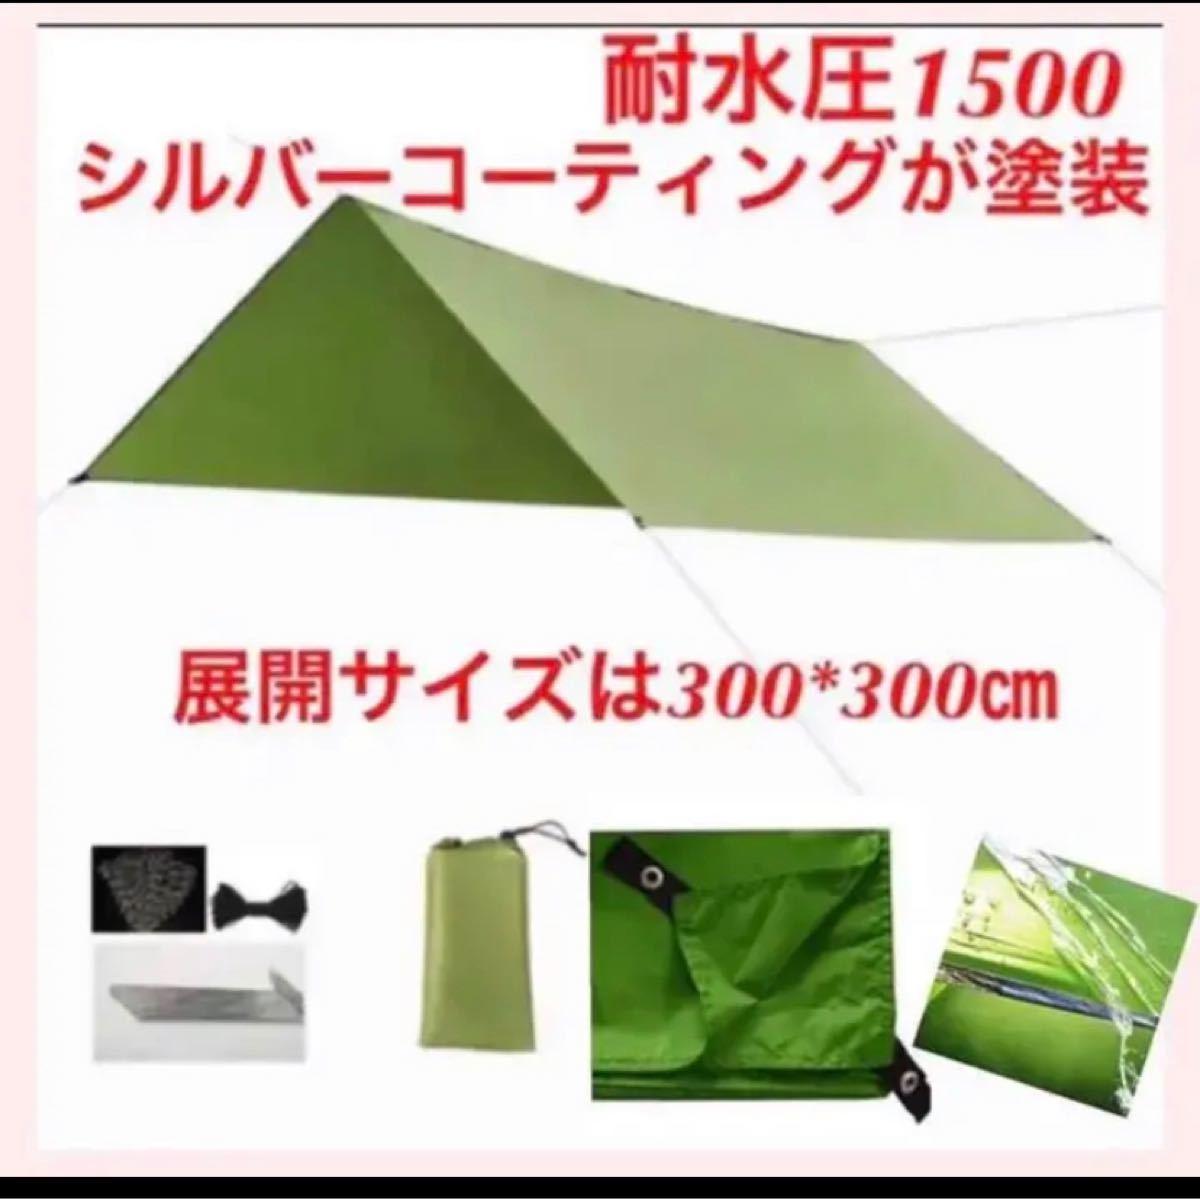 防水タープ タープテント サイドシート 天幕 収納袋付・新品/送料